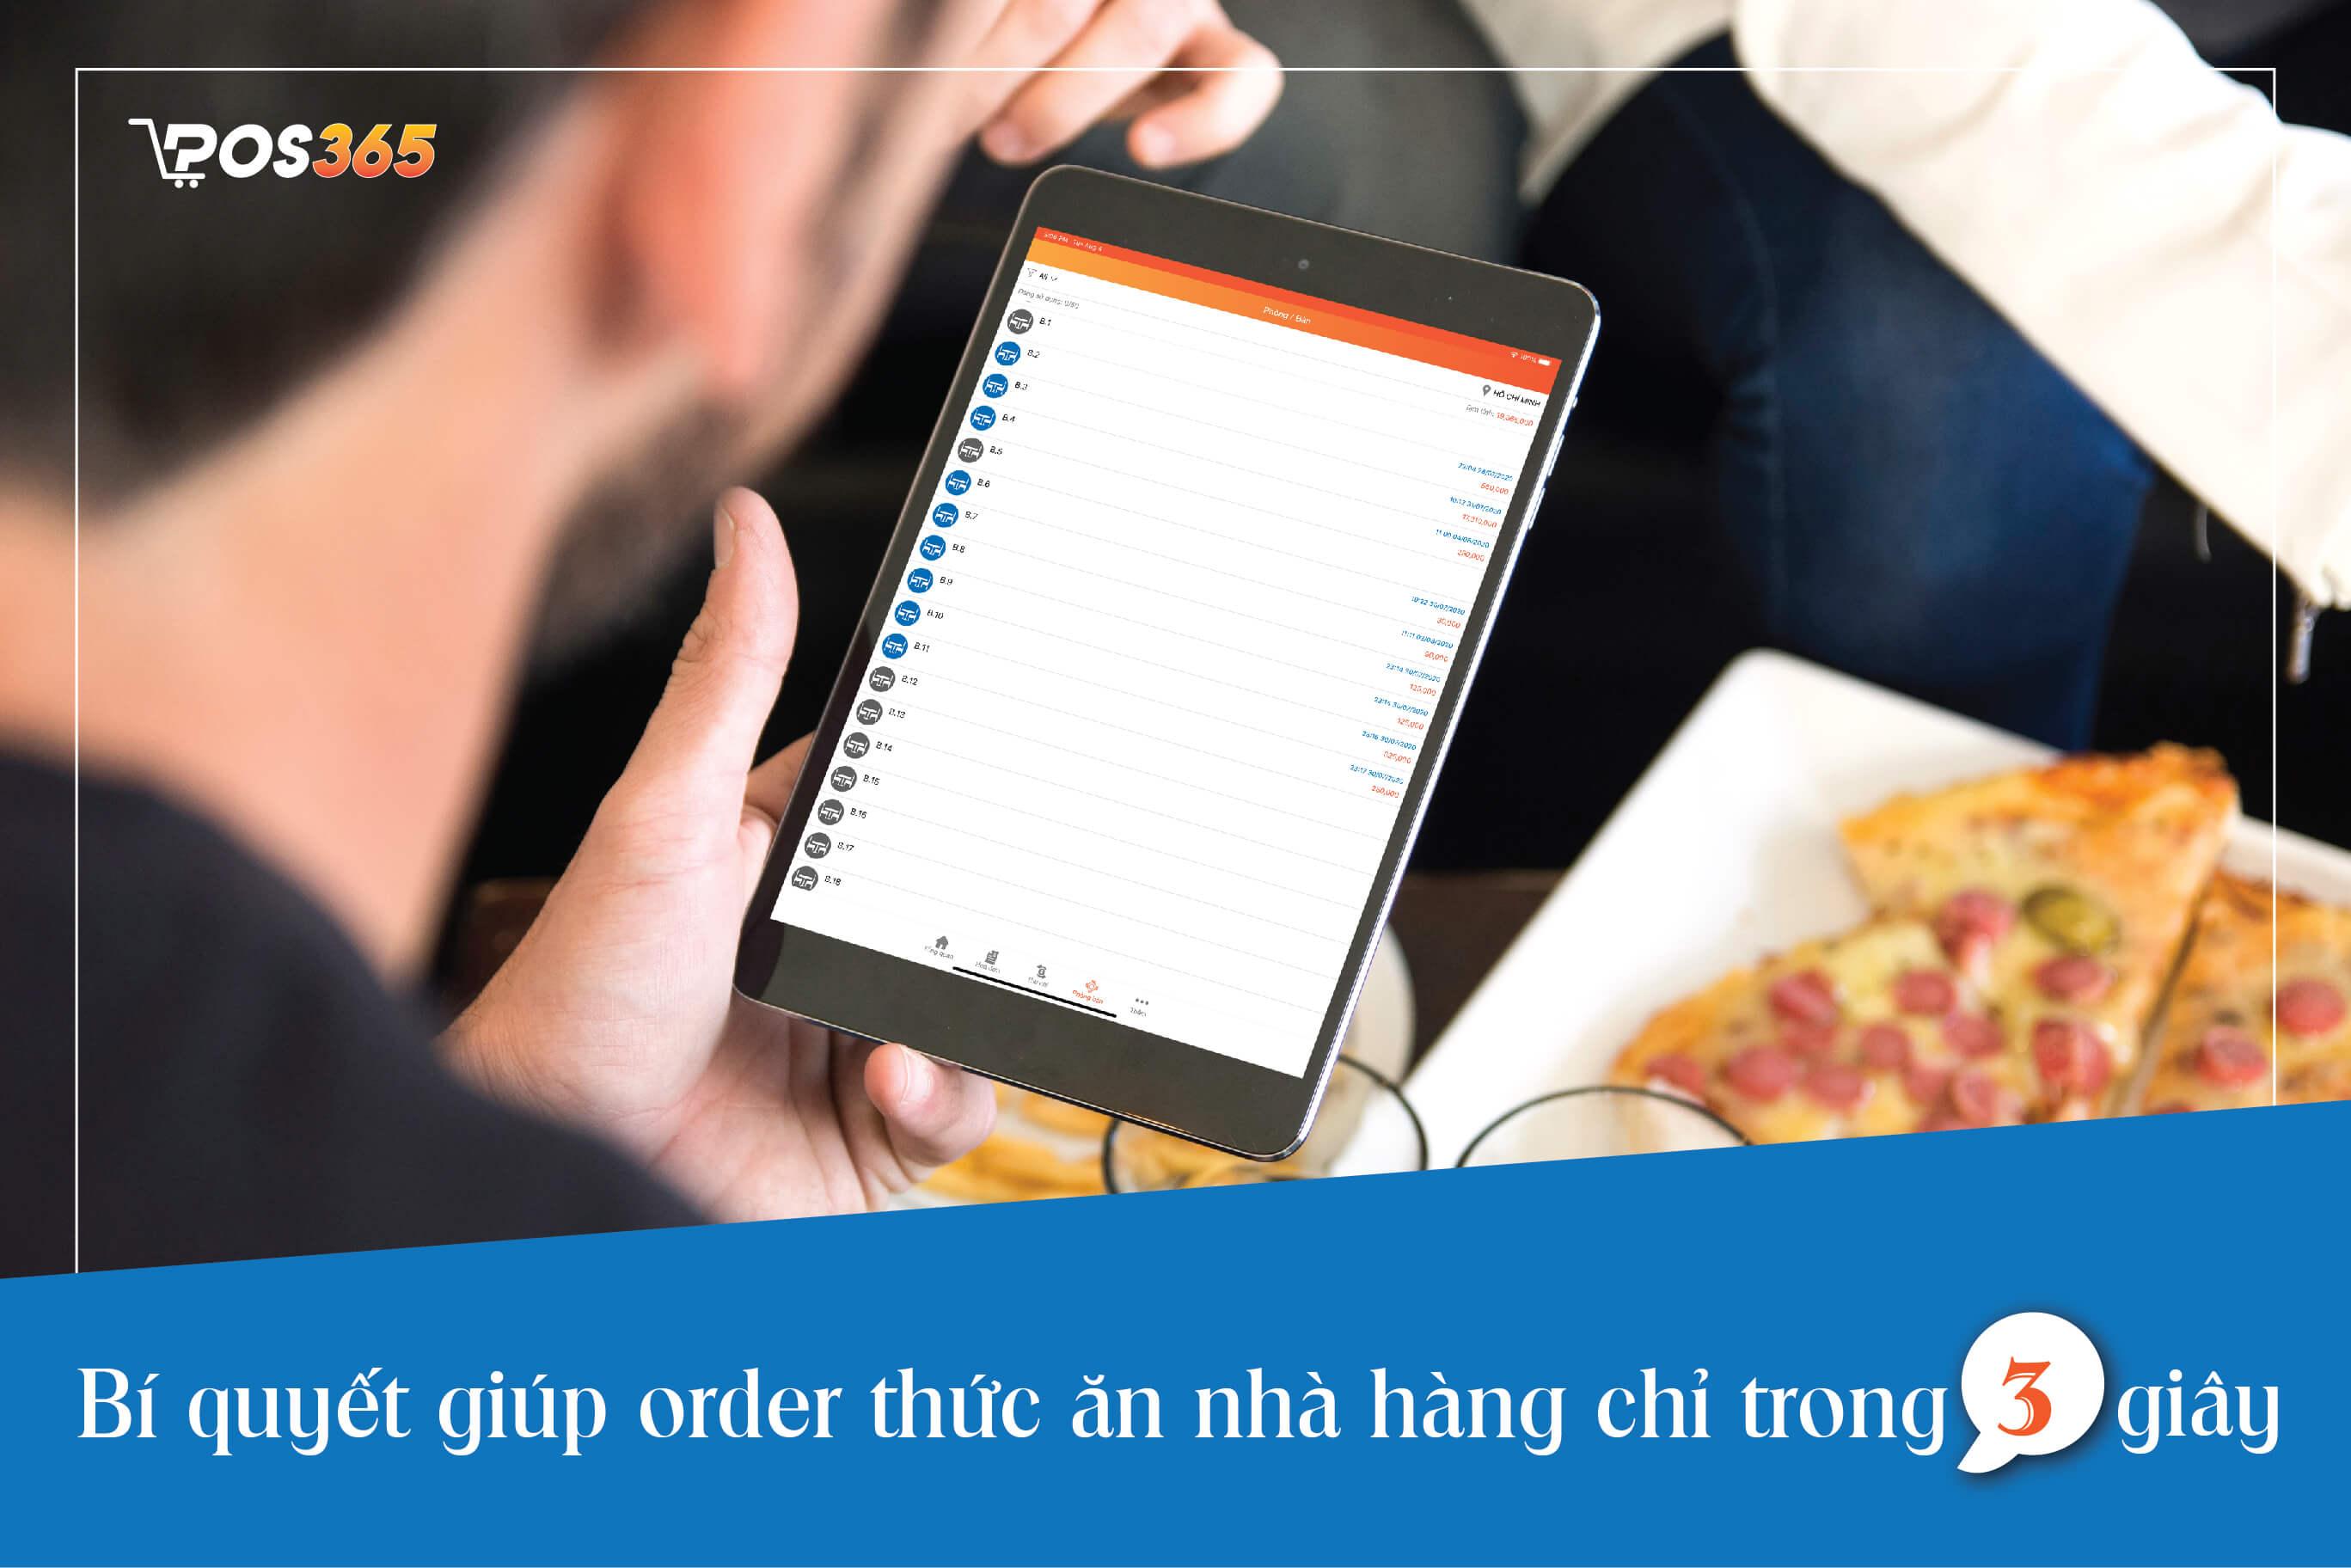 Bí quyết giúp order thức ăn nhà hàng chỉ trong 3 giây